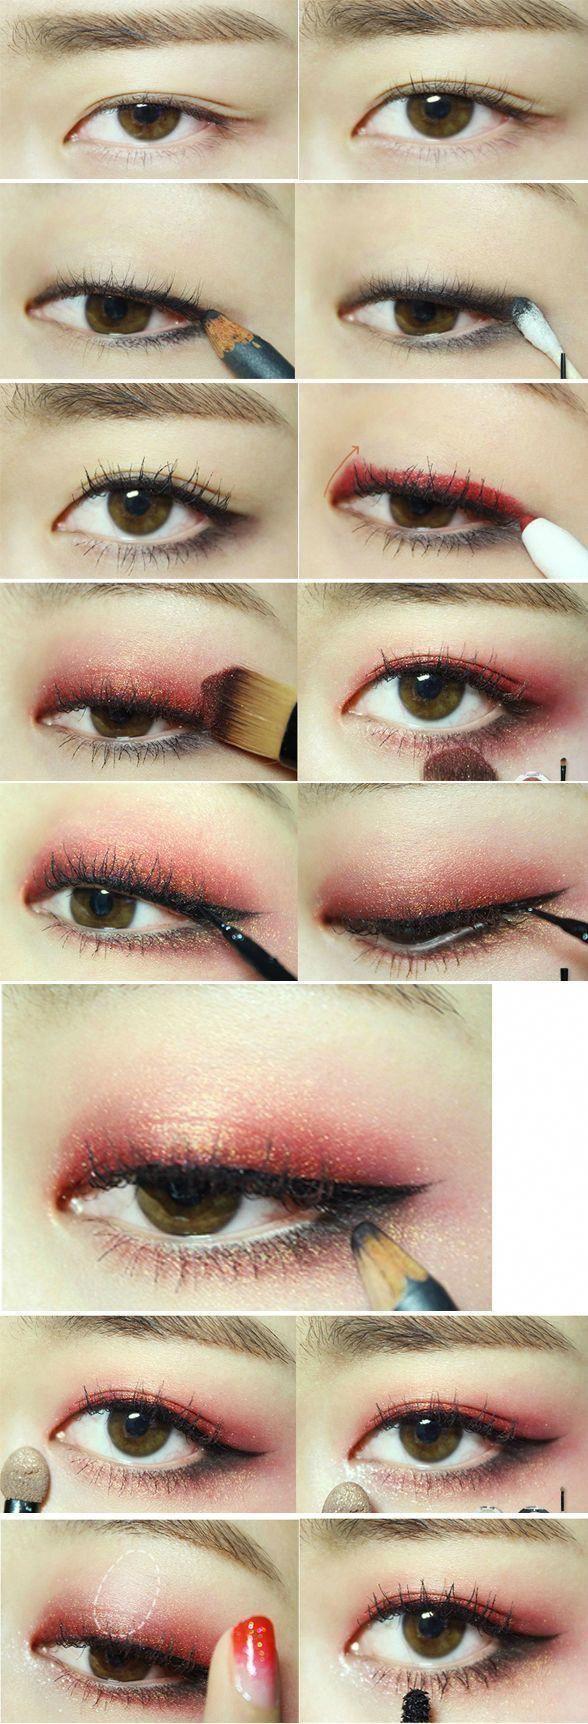 Einfach, Schritt für Schritt Make-up #stepbystepeyemakeup #KoreanMakeupLipstick #MakeupTu …